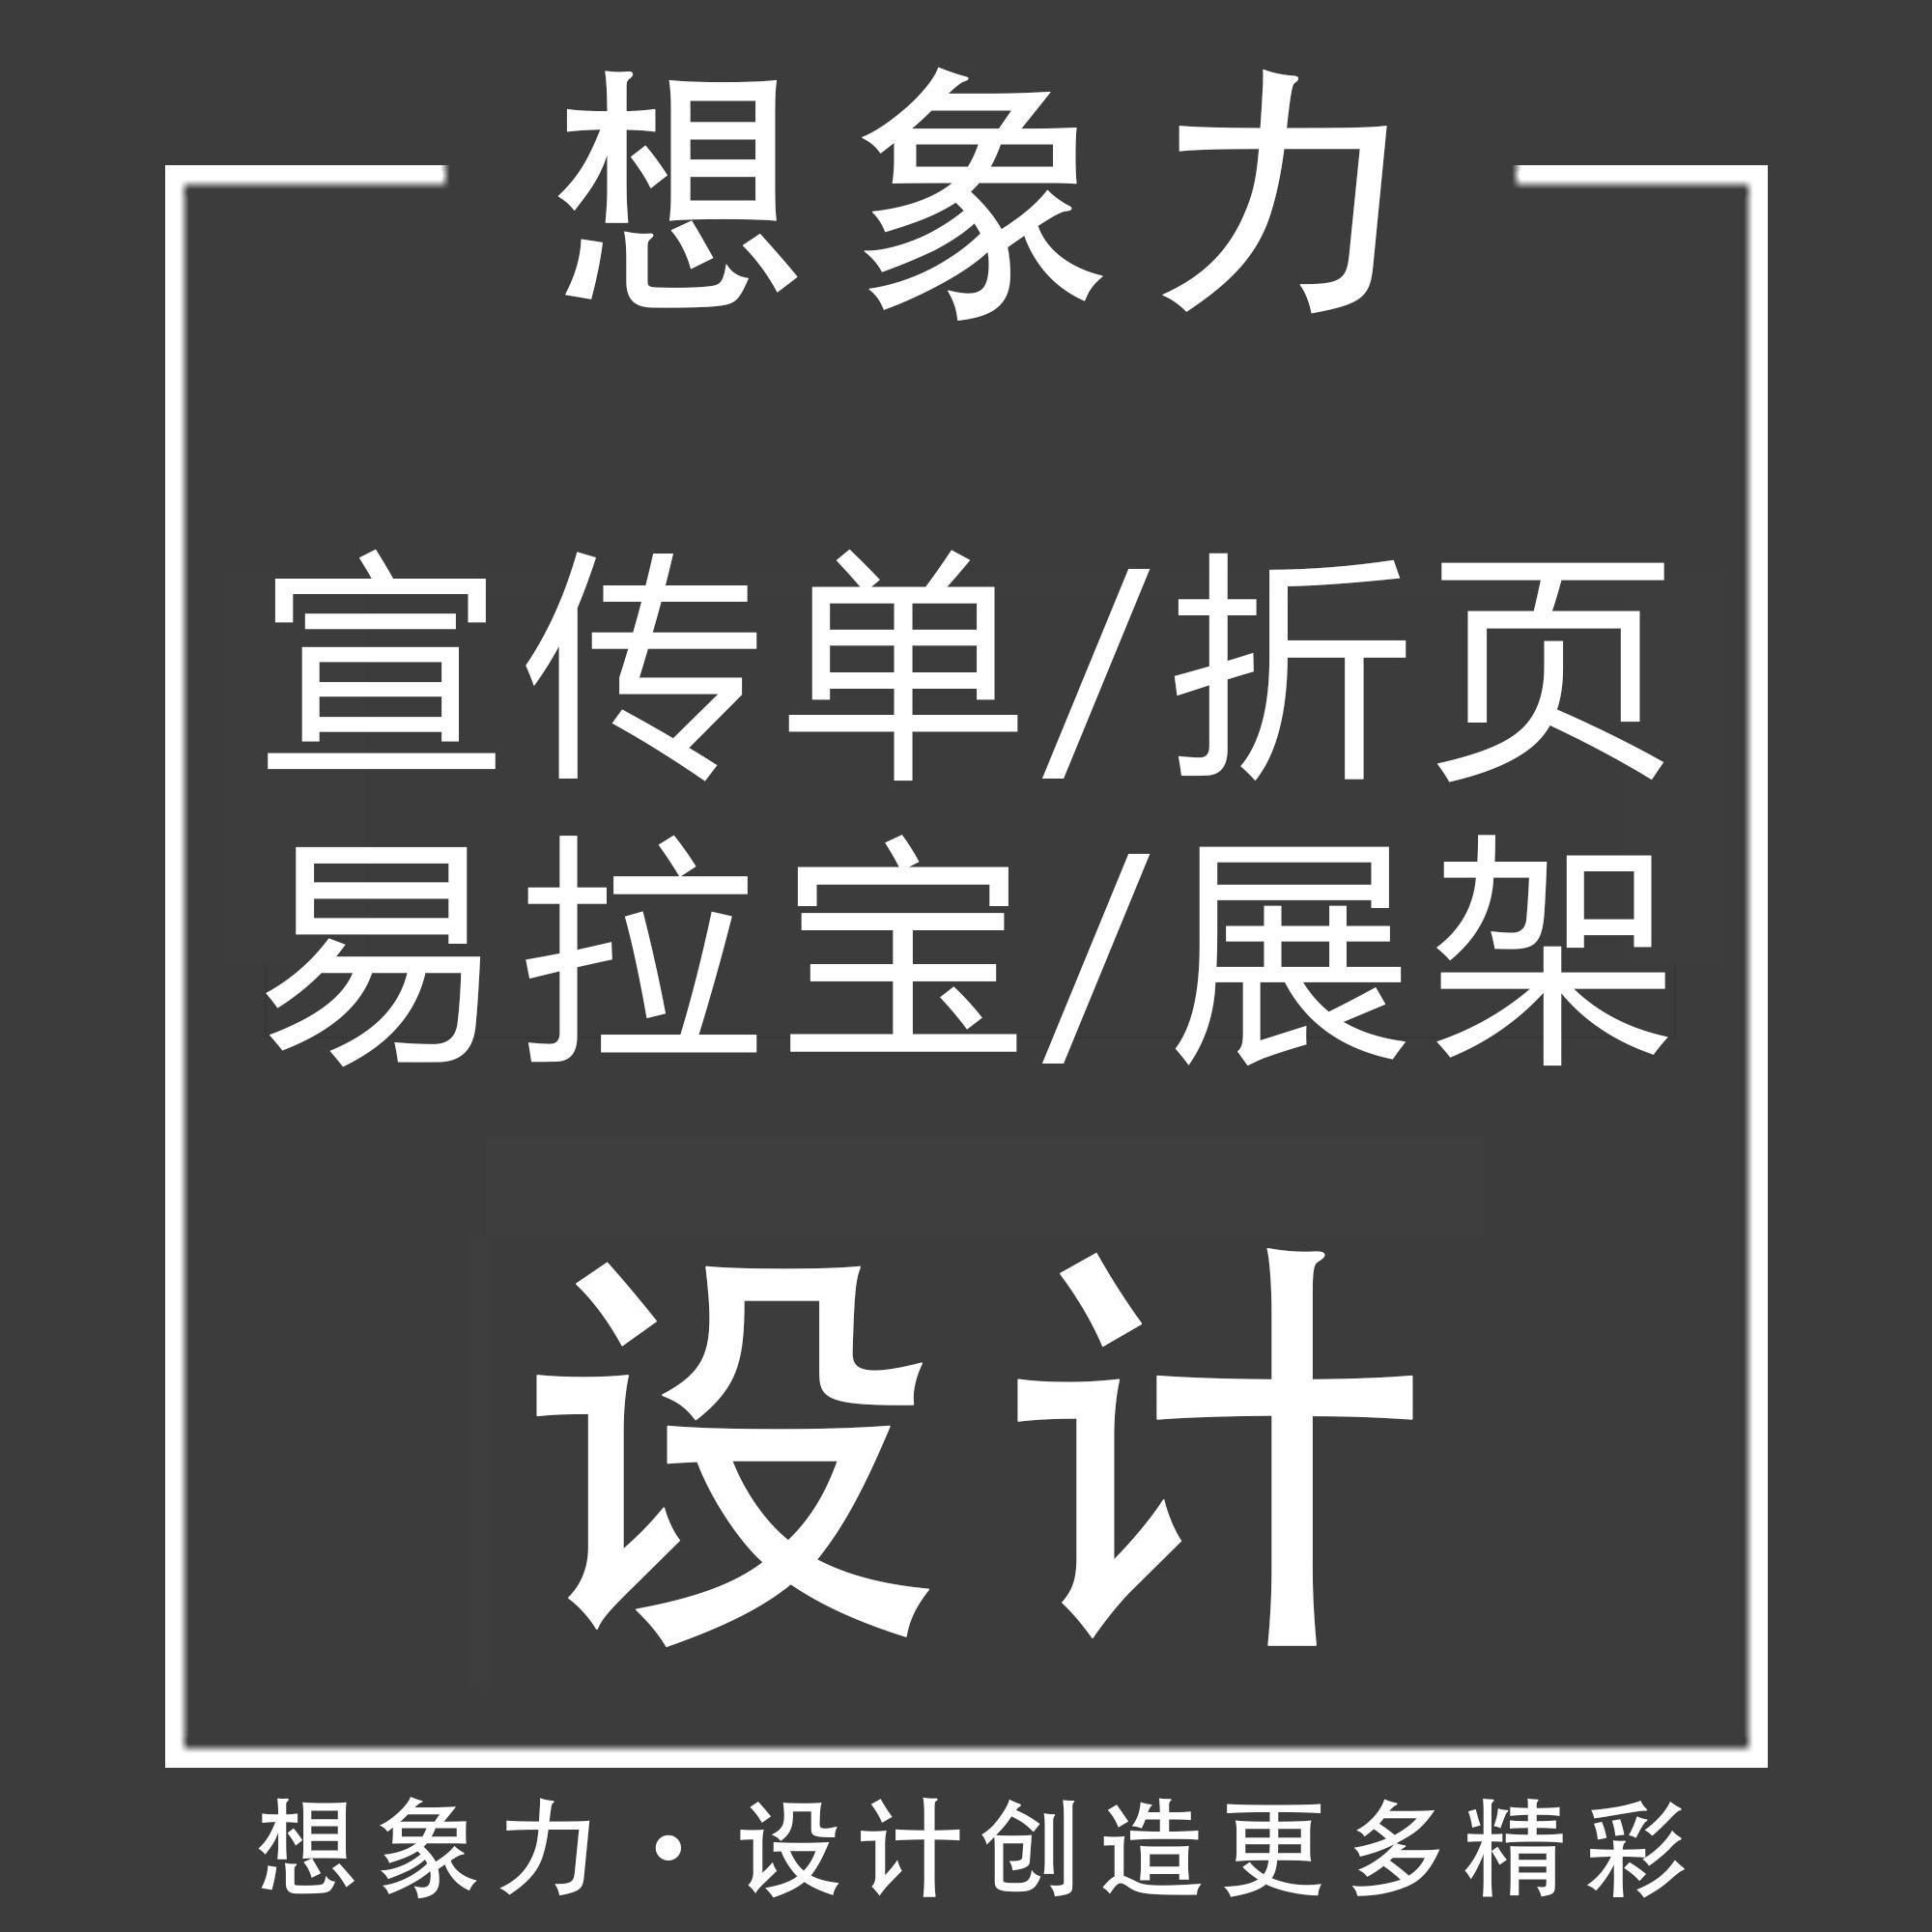 企业宣传单/折页/展架易拉宝/画册/标志/vi 设计 /海报